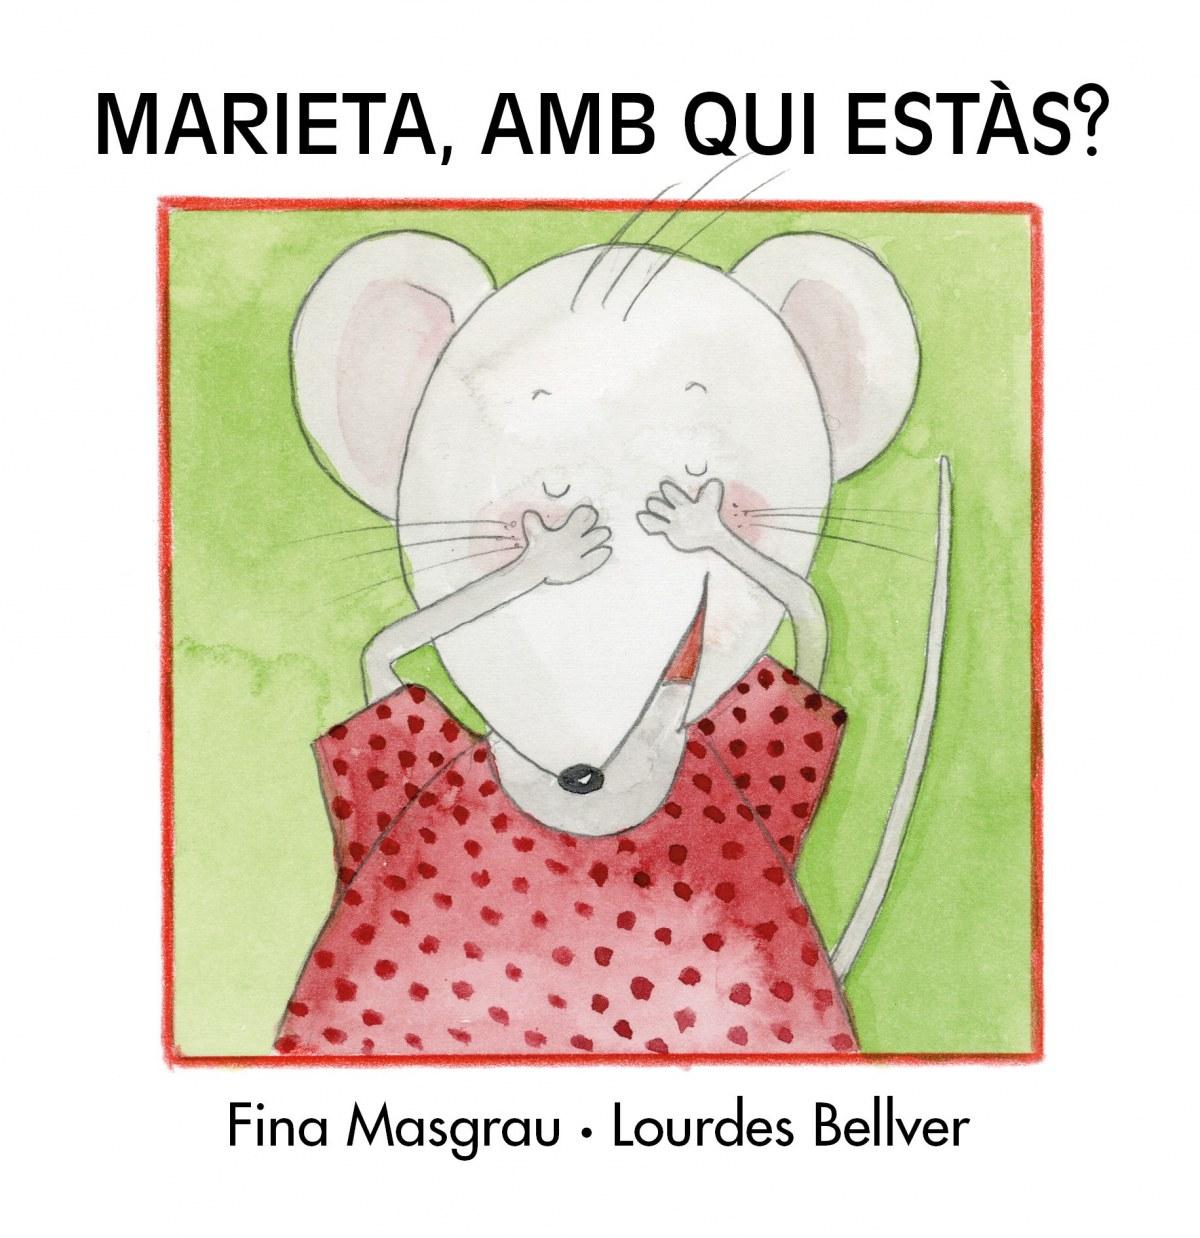 Marieta, amb qui estas? letra manuscrita